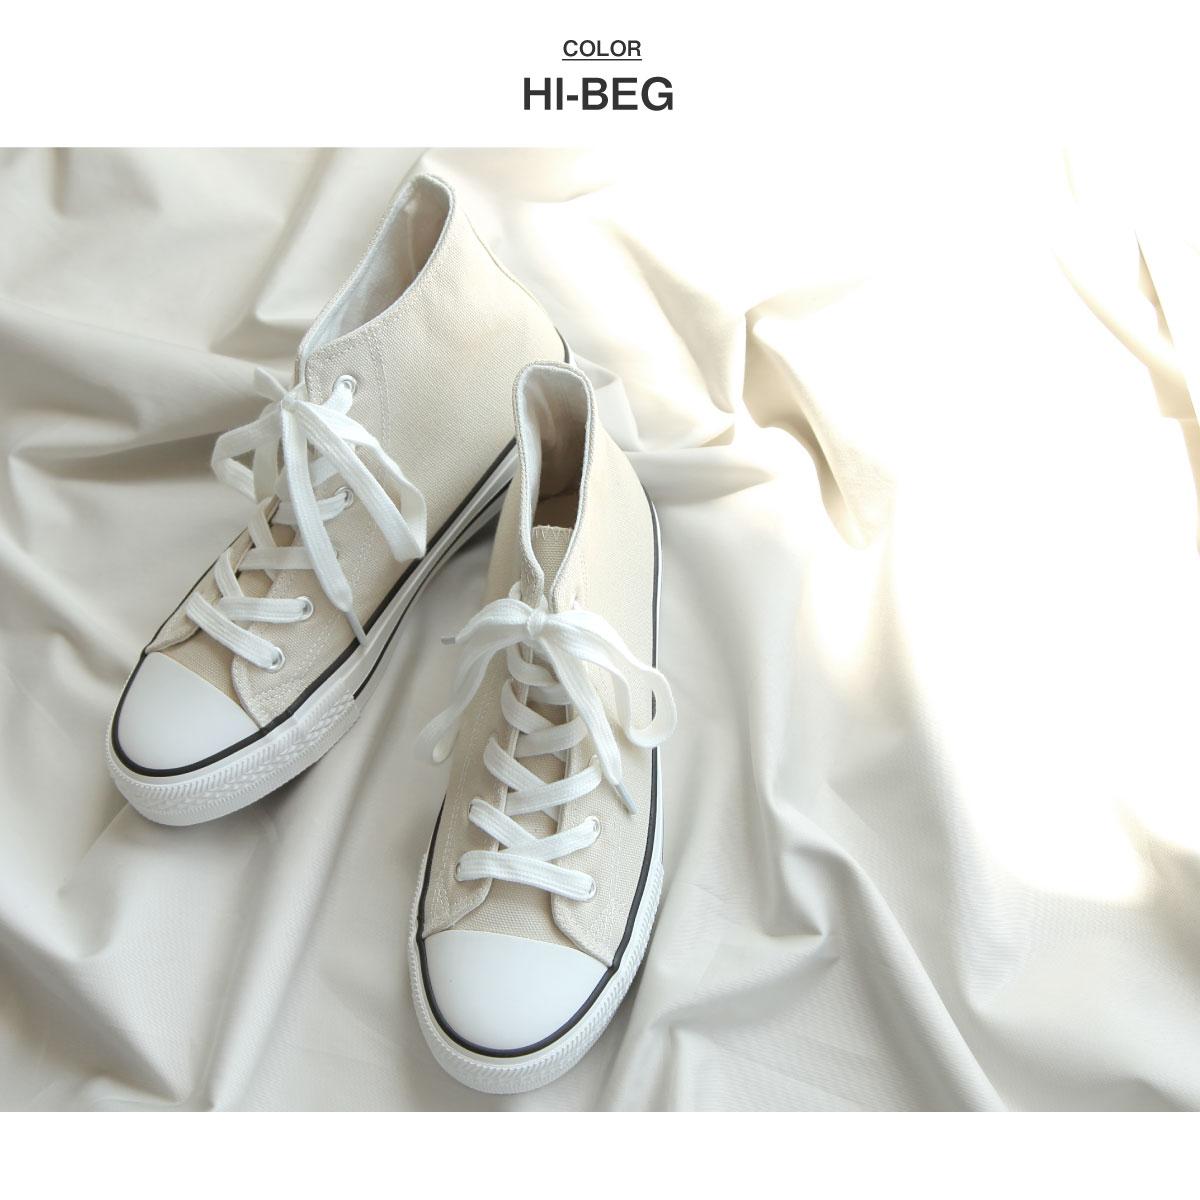 【New】ZIP FIVE絨革高筒布鞋 3